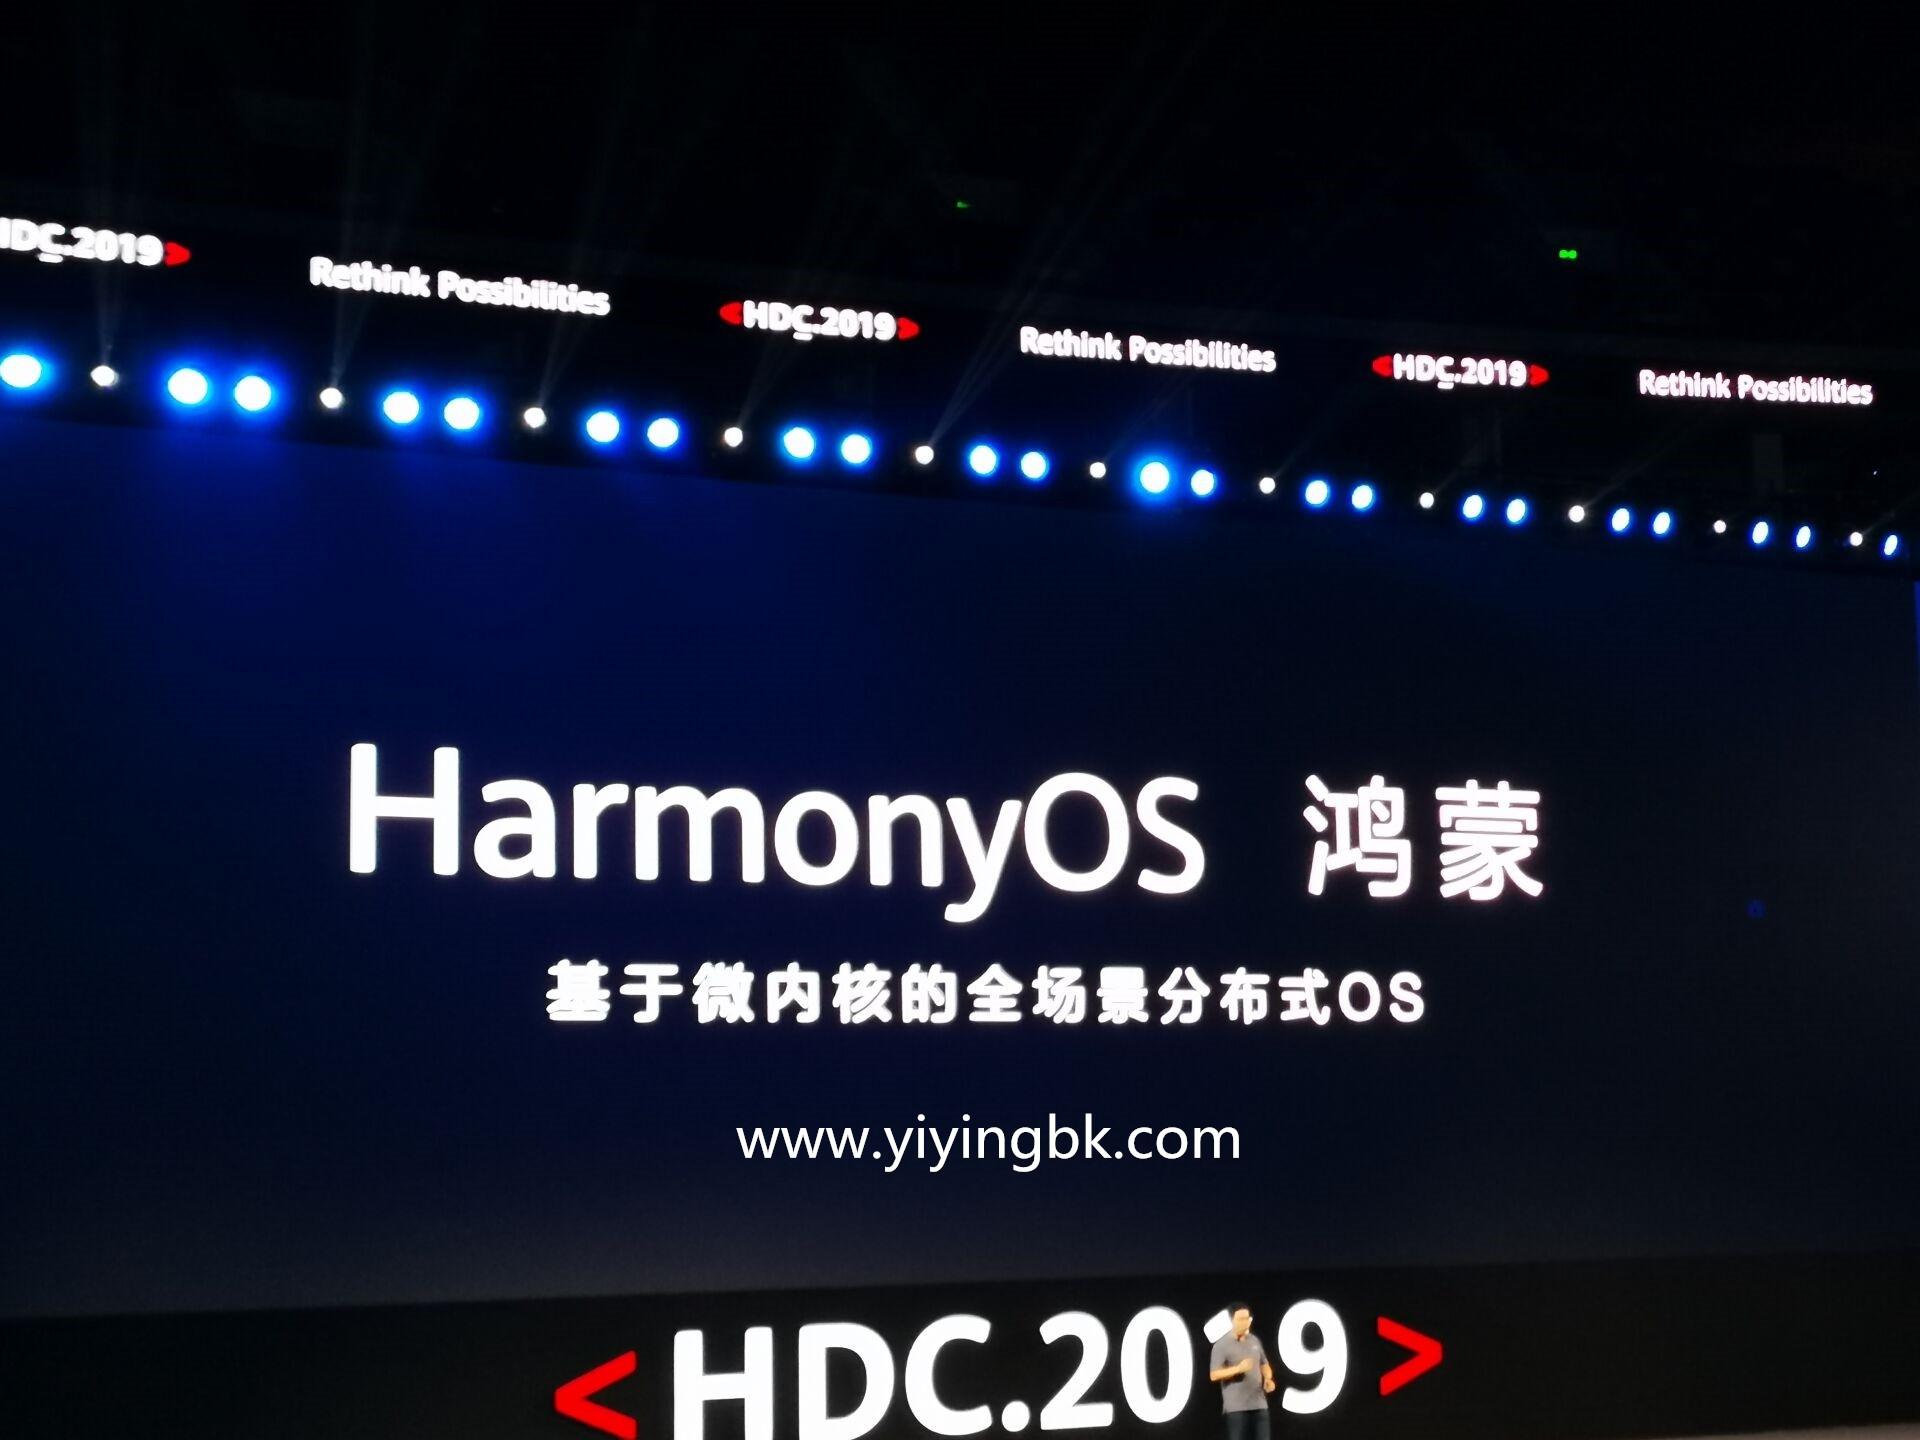 华为鸿蒙OS手机操作系统